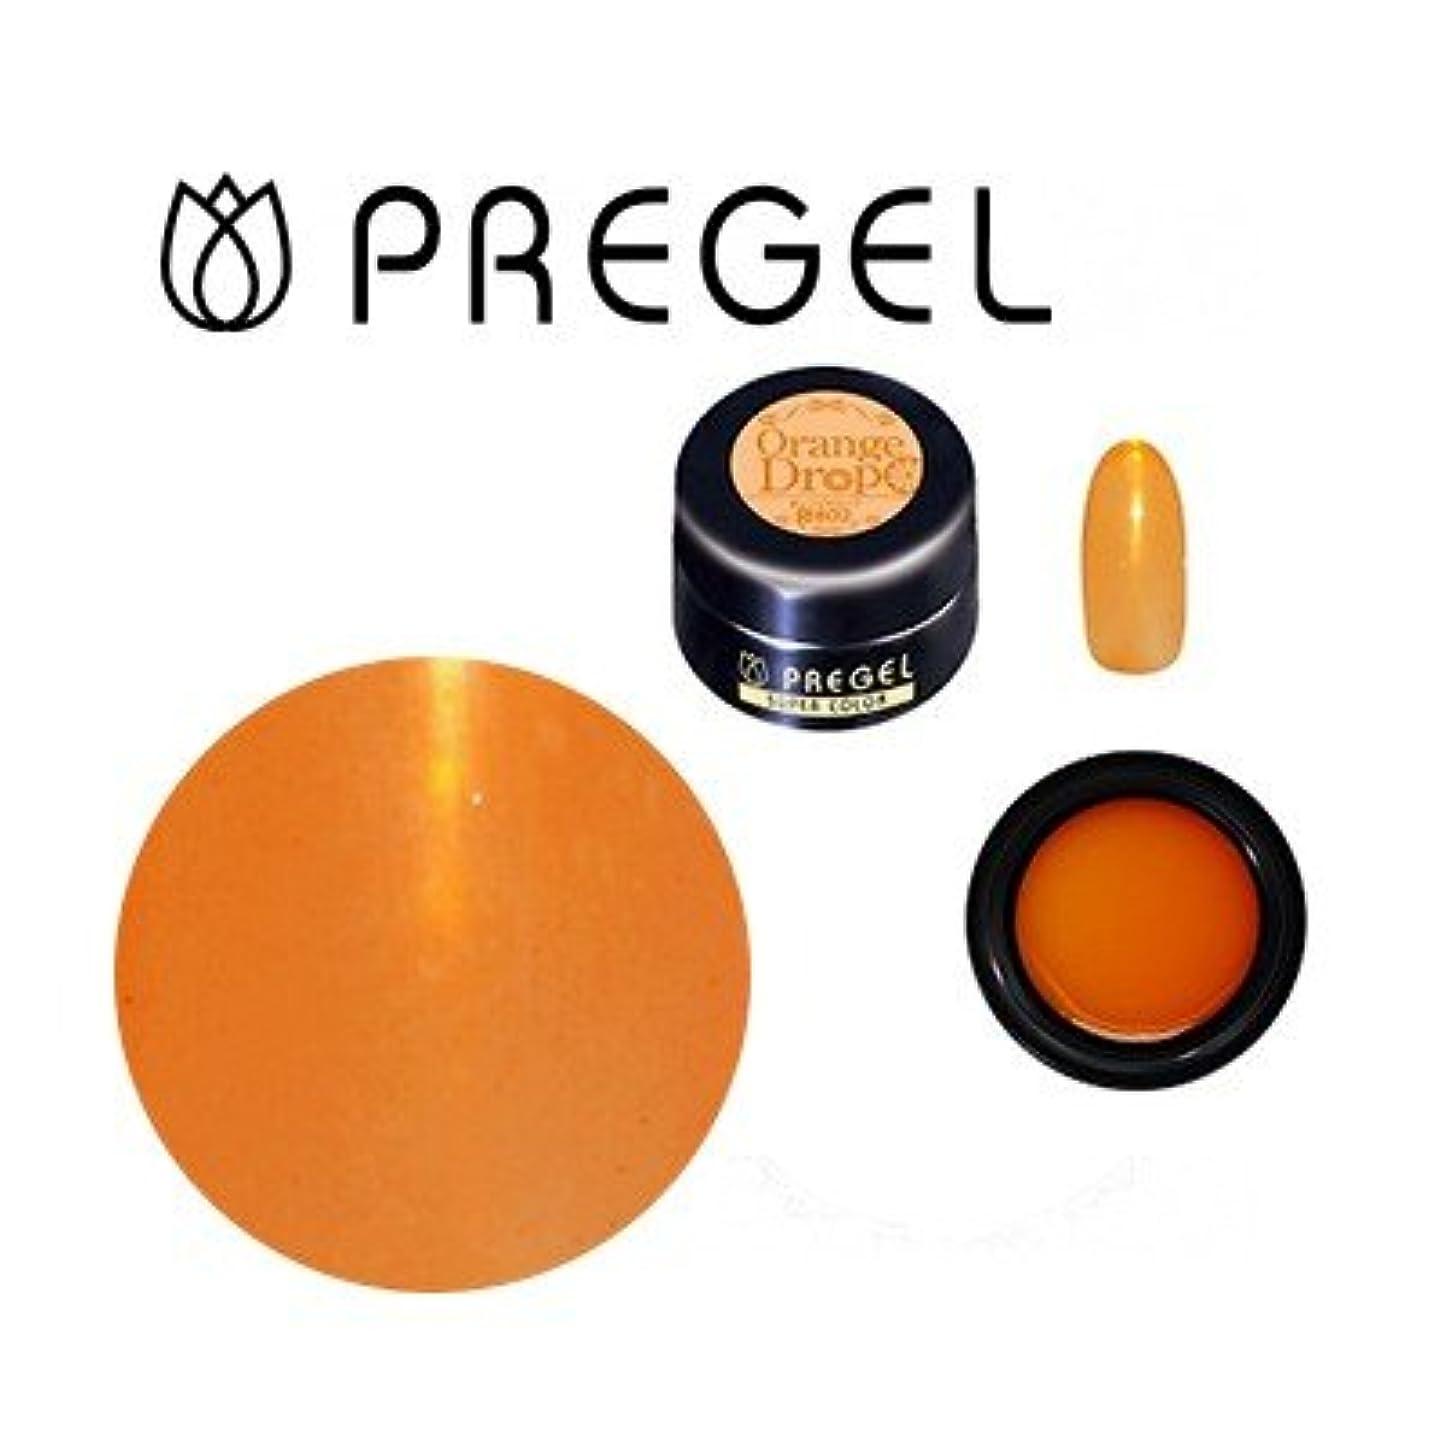 ロググレートバリアリーフキャンバスプリジェル ジェルネイル スーパーカラーEXオレンジドロップ802